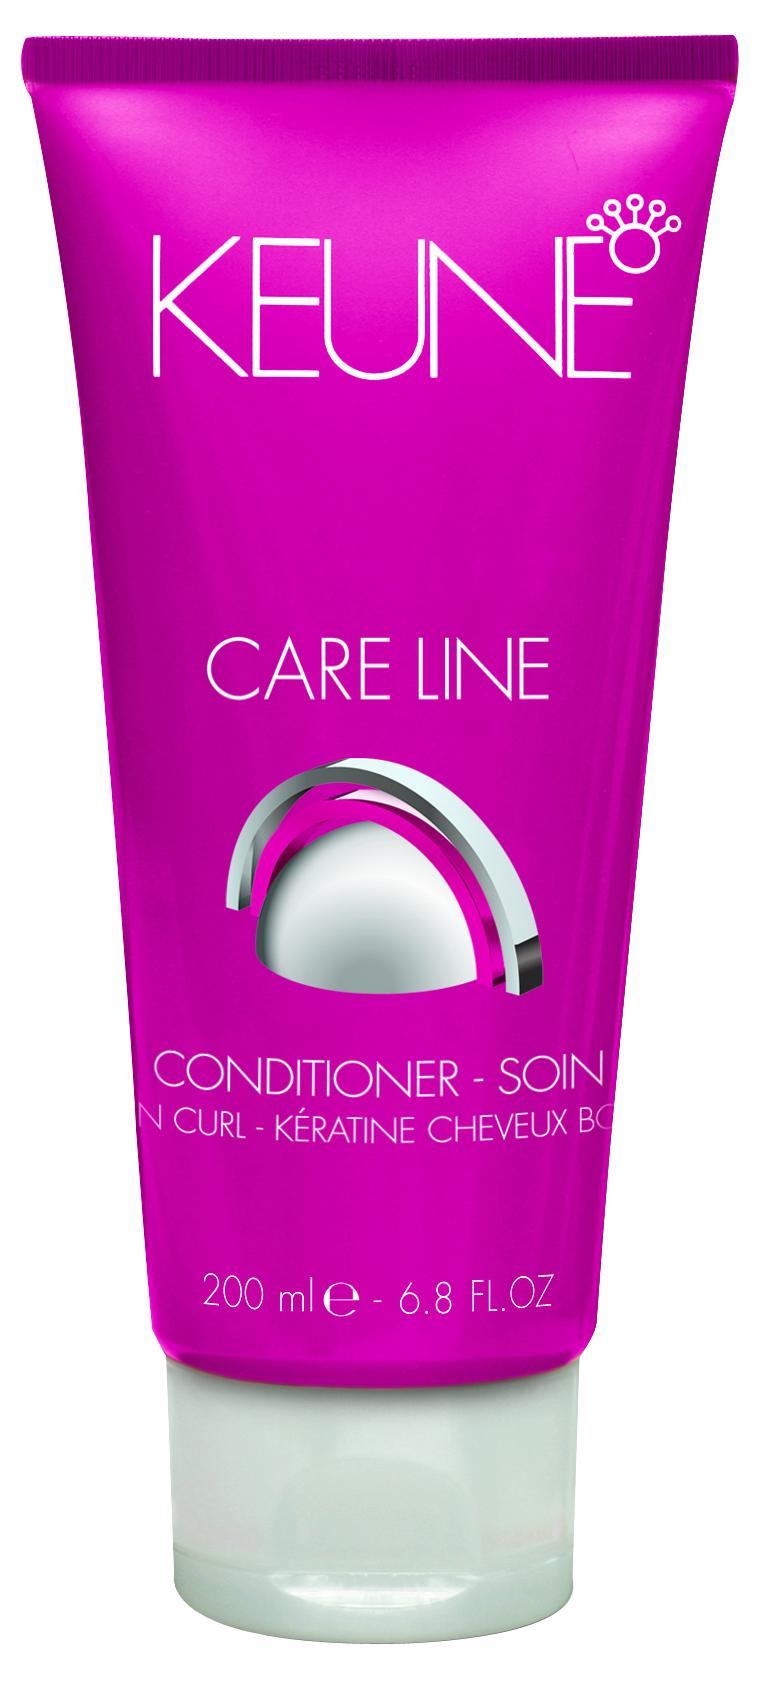 KEUNE Кондиционер Кэе Лайн Кератиновый локон / CL KERATIN CURL CONDITIONER 200мл keune кондиционер спрей 2 фазный для кудрявых волос кэе лайн cl control 2 phase spray 400мл